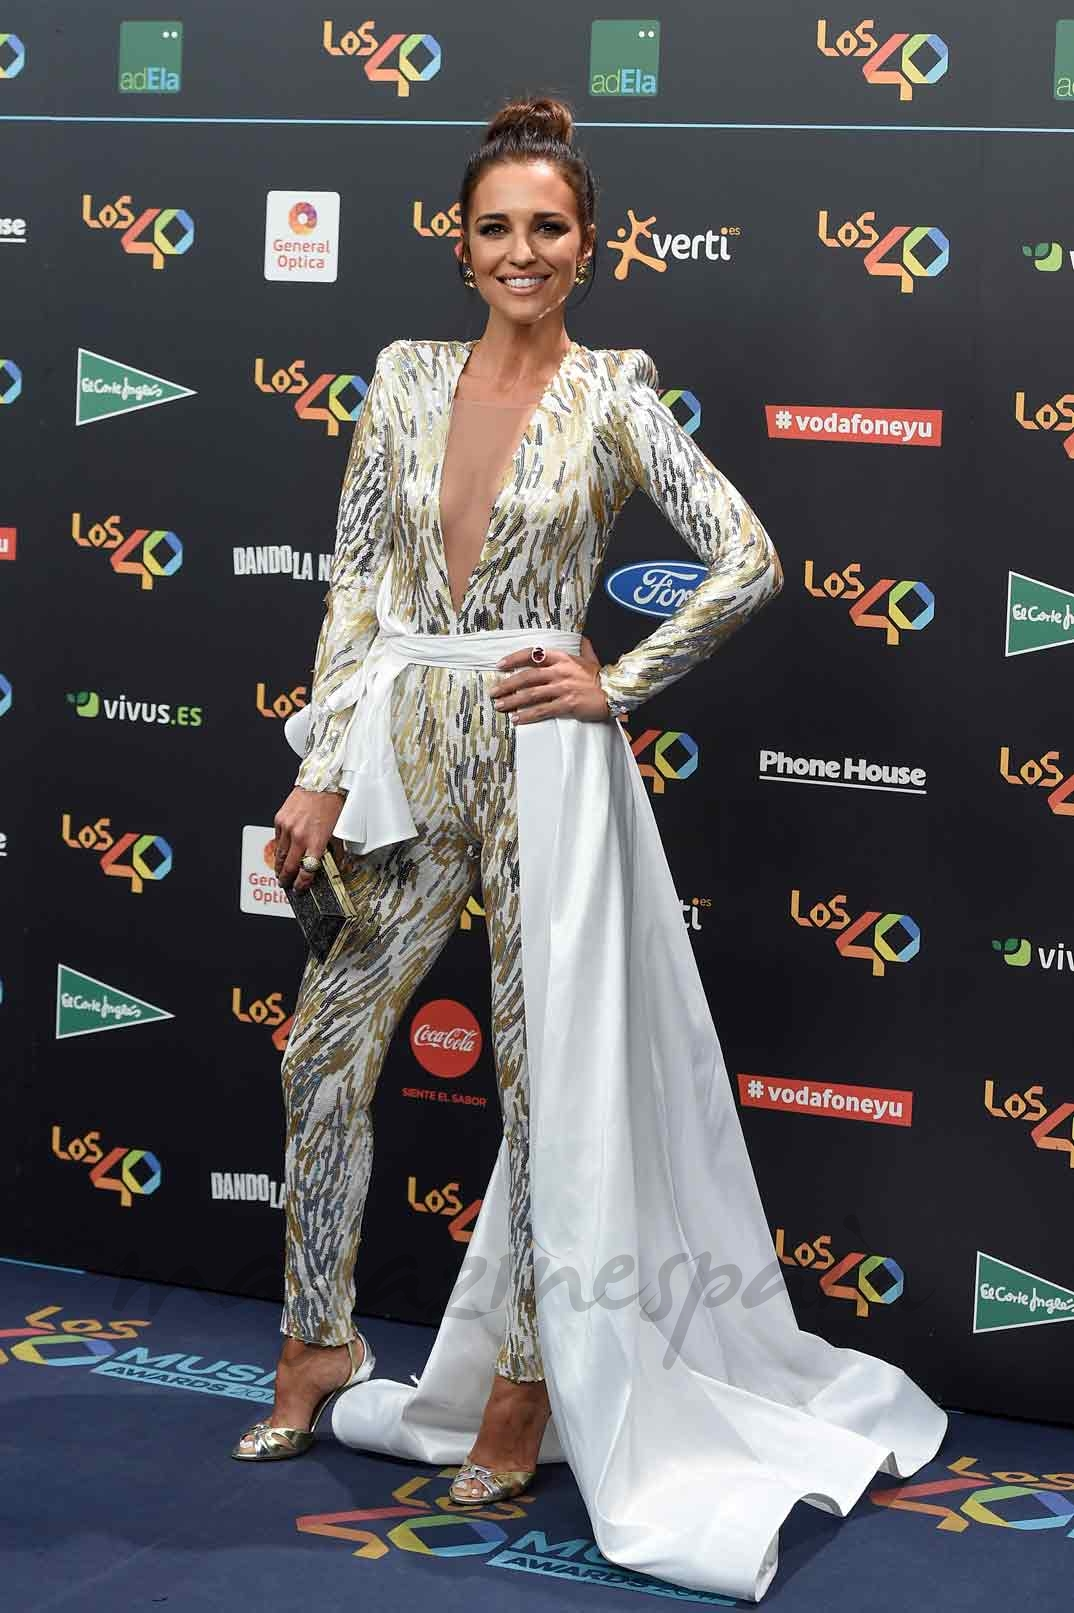 Paula Echevarría premios Los 40